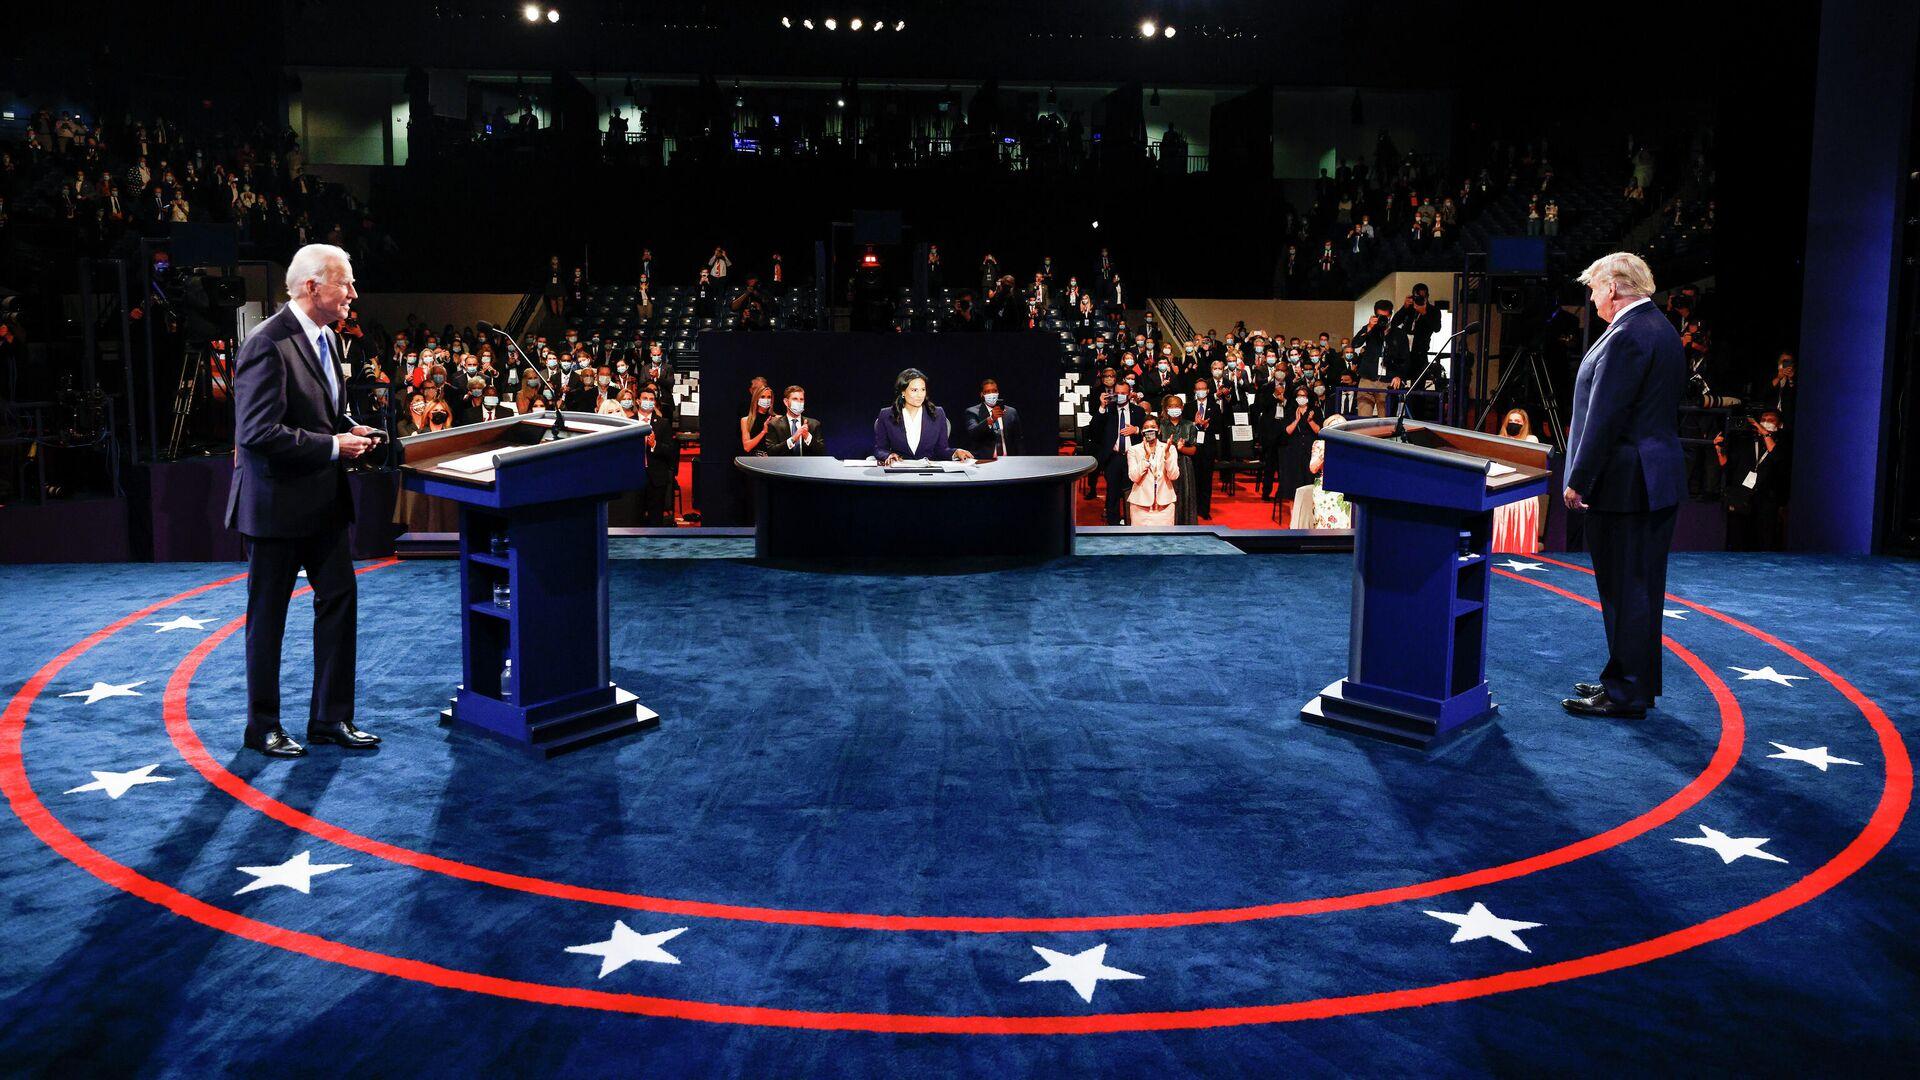 Президент США Дональд Трамп и кандидат в президенты США от Демократической партии Джо Байден во время финальных дебатов в Нэшвилле - РИА Новости, 1920, 03.11.2020